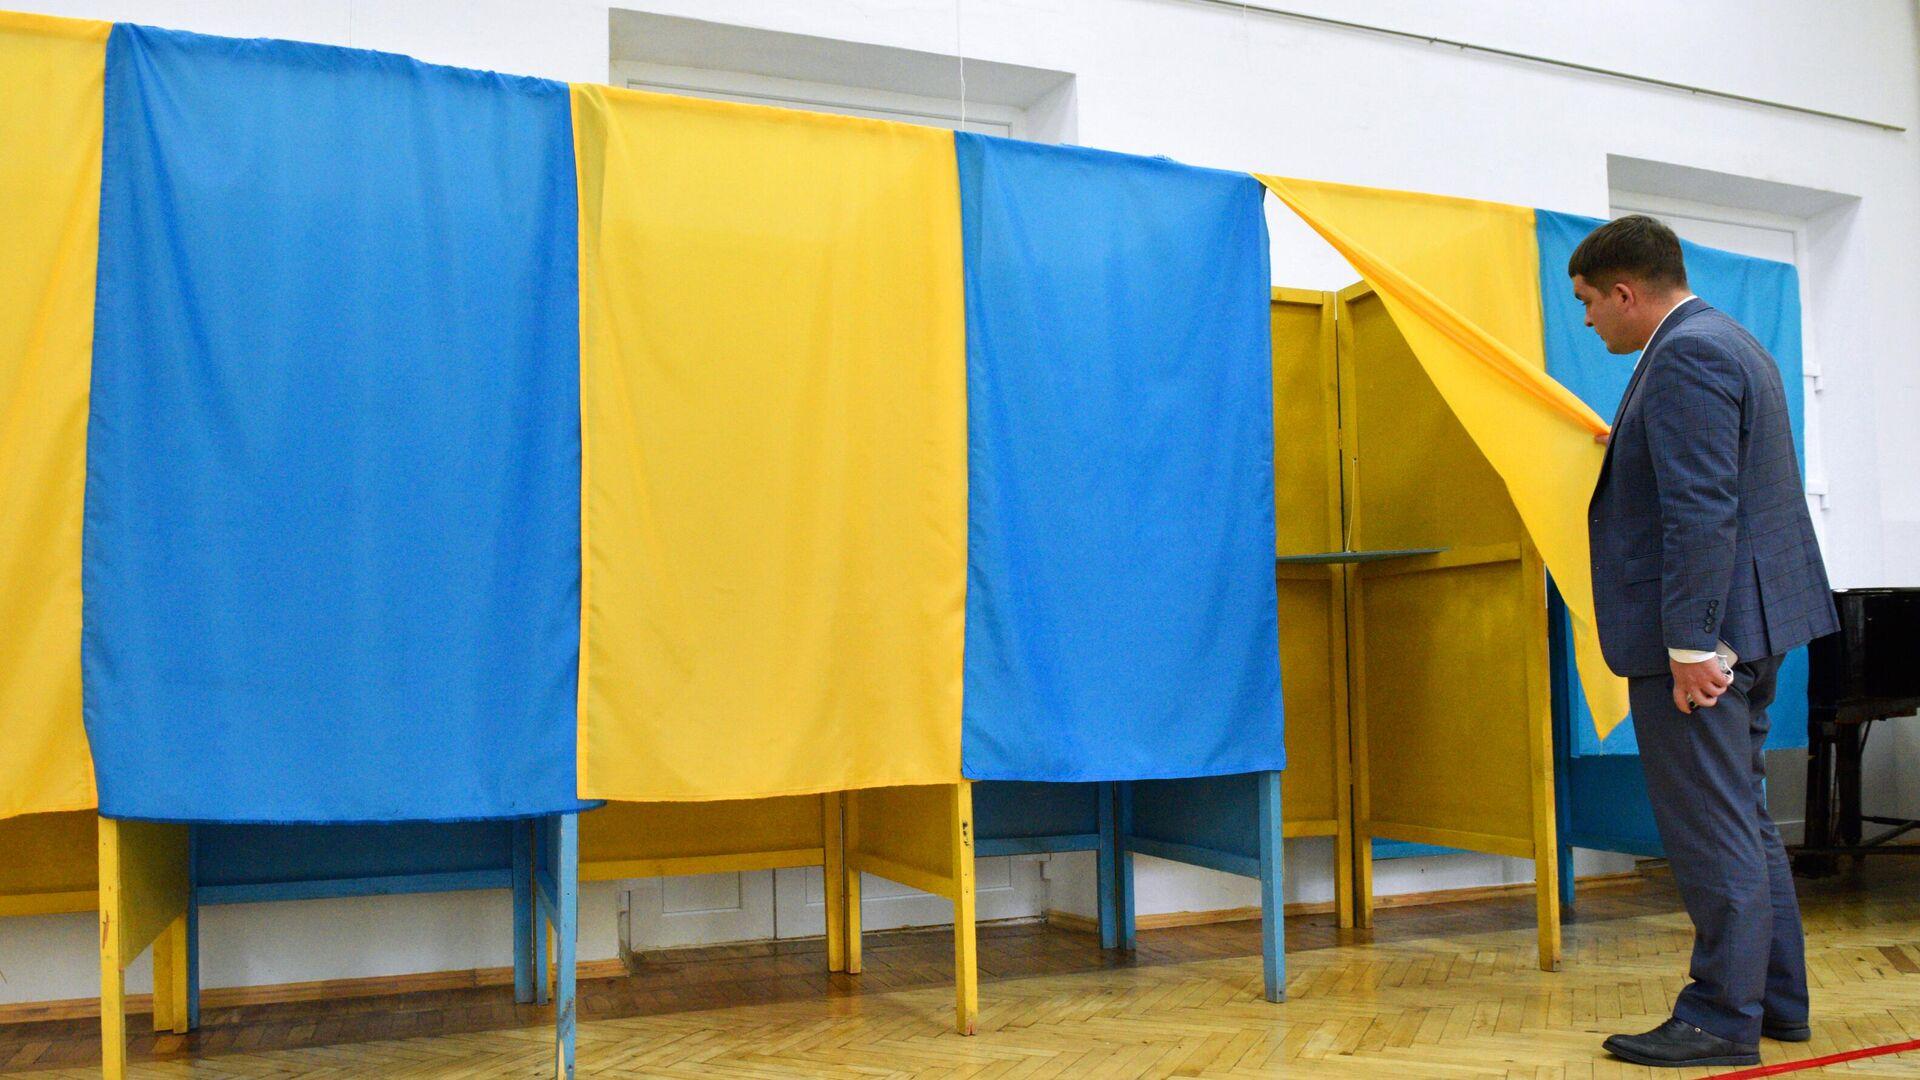 Проверка готовности одного из избирательных участков в Киеве к проведению региональных выборов - РИА Новости, 1920, 25.10.2020